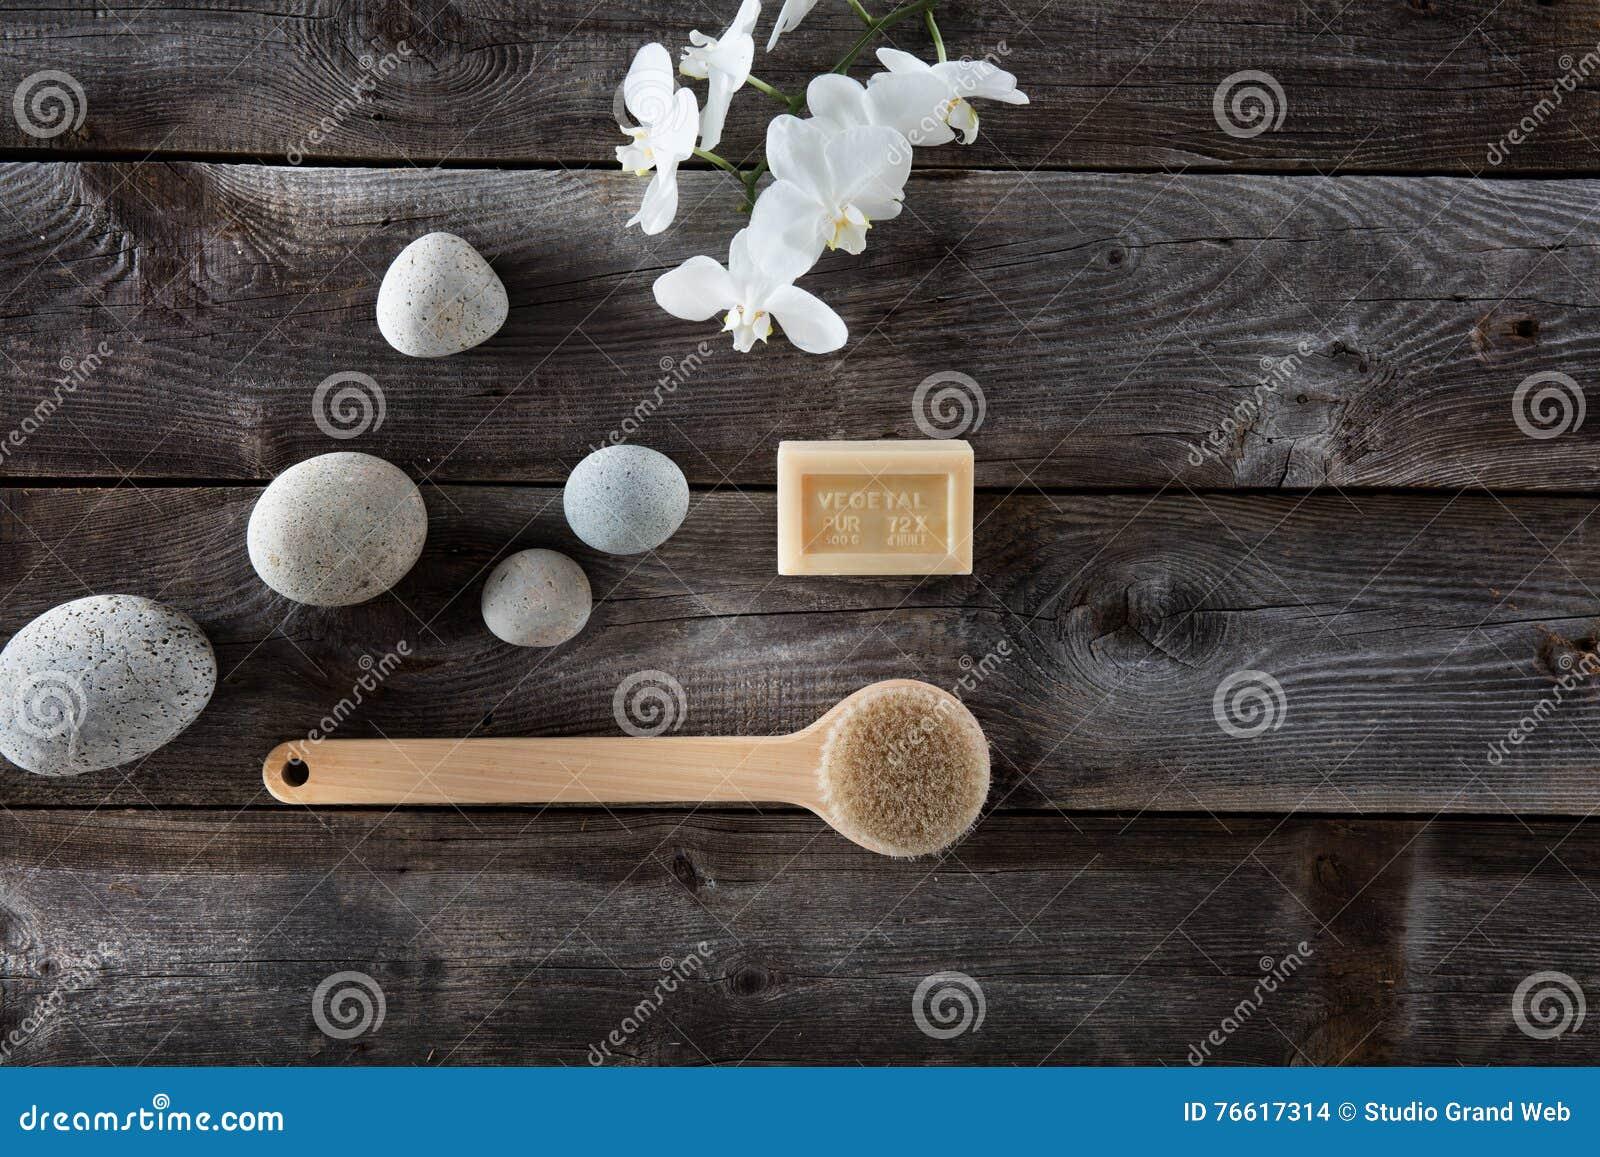 natürliches badkonzept mit kieseln, rückseitenbürste und weißen, Hause ideen